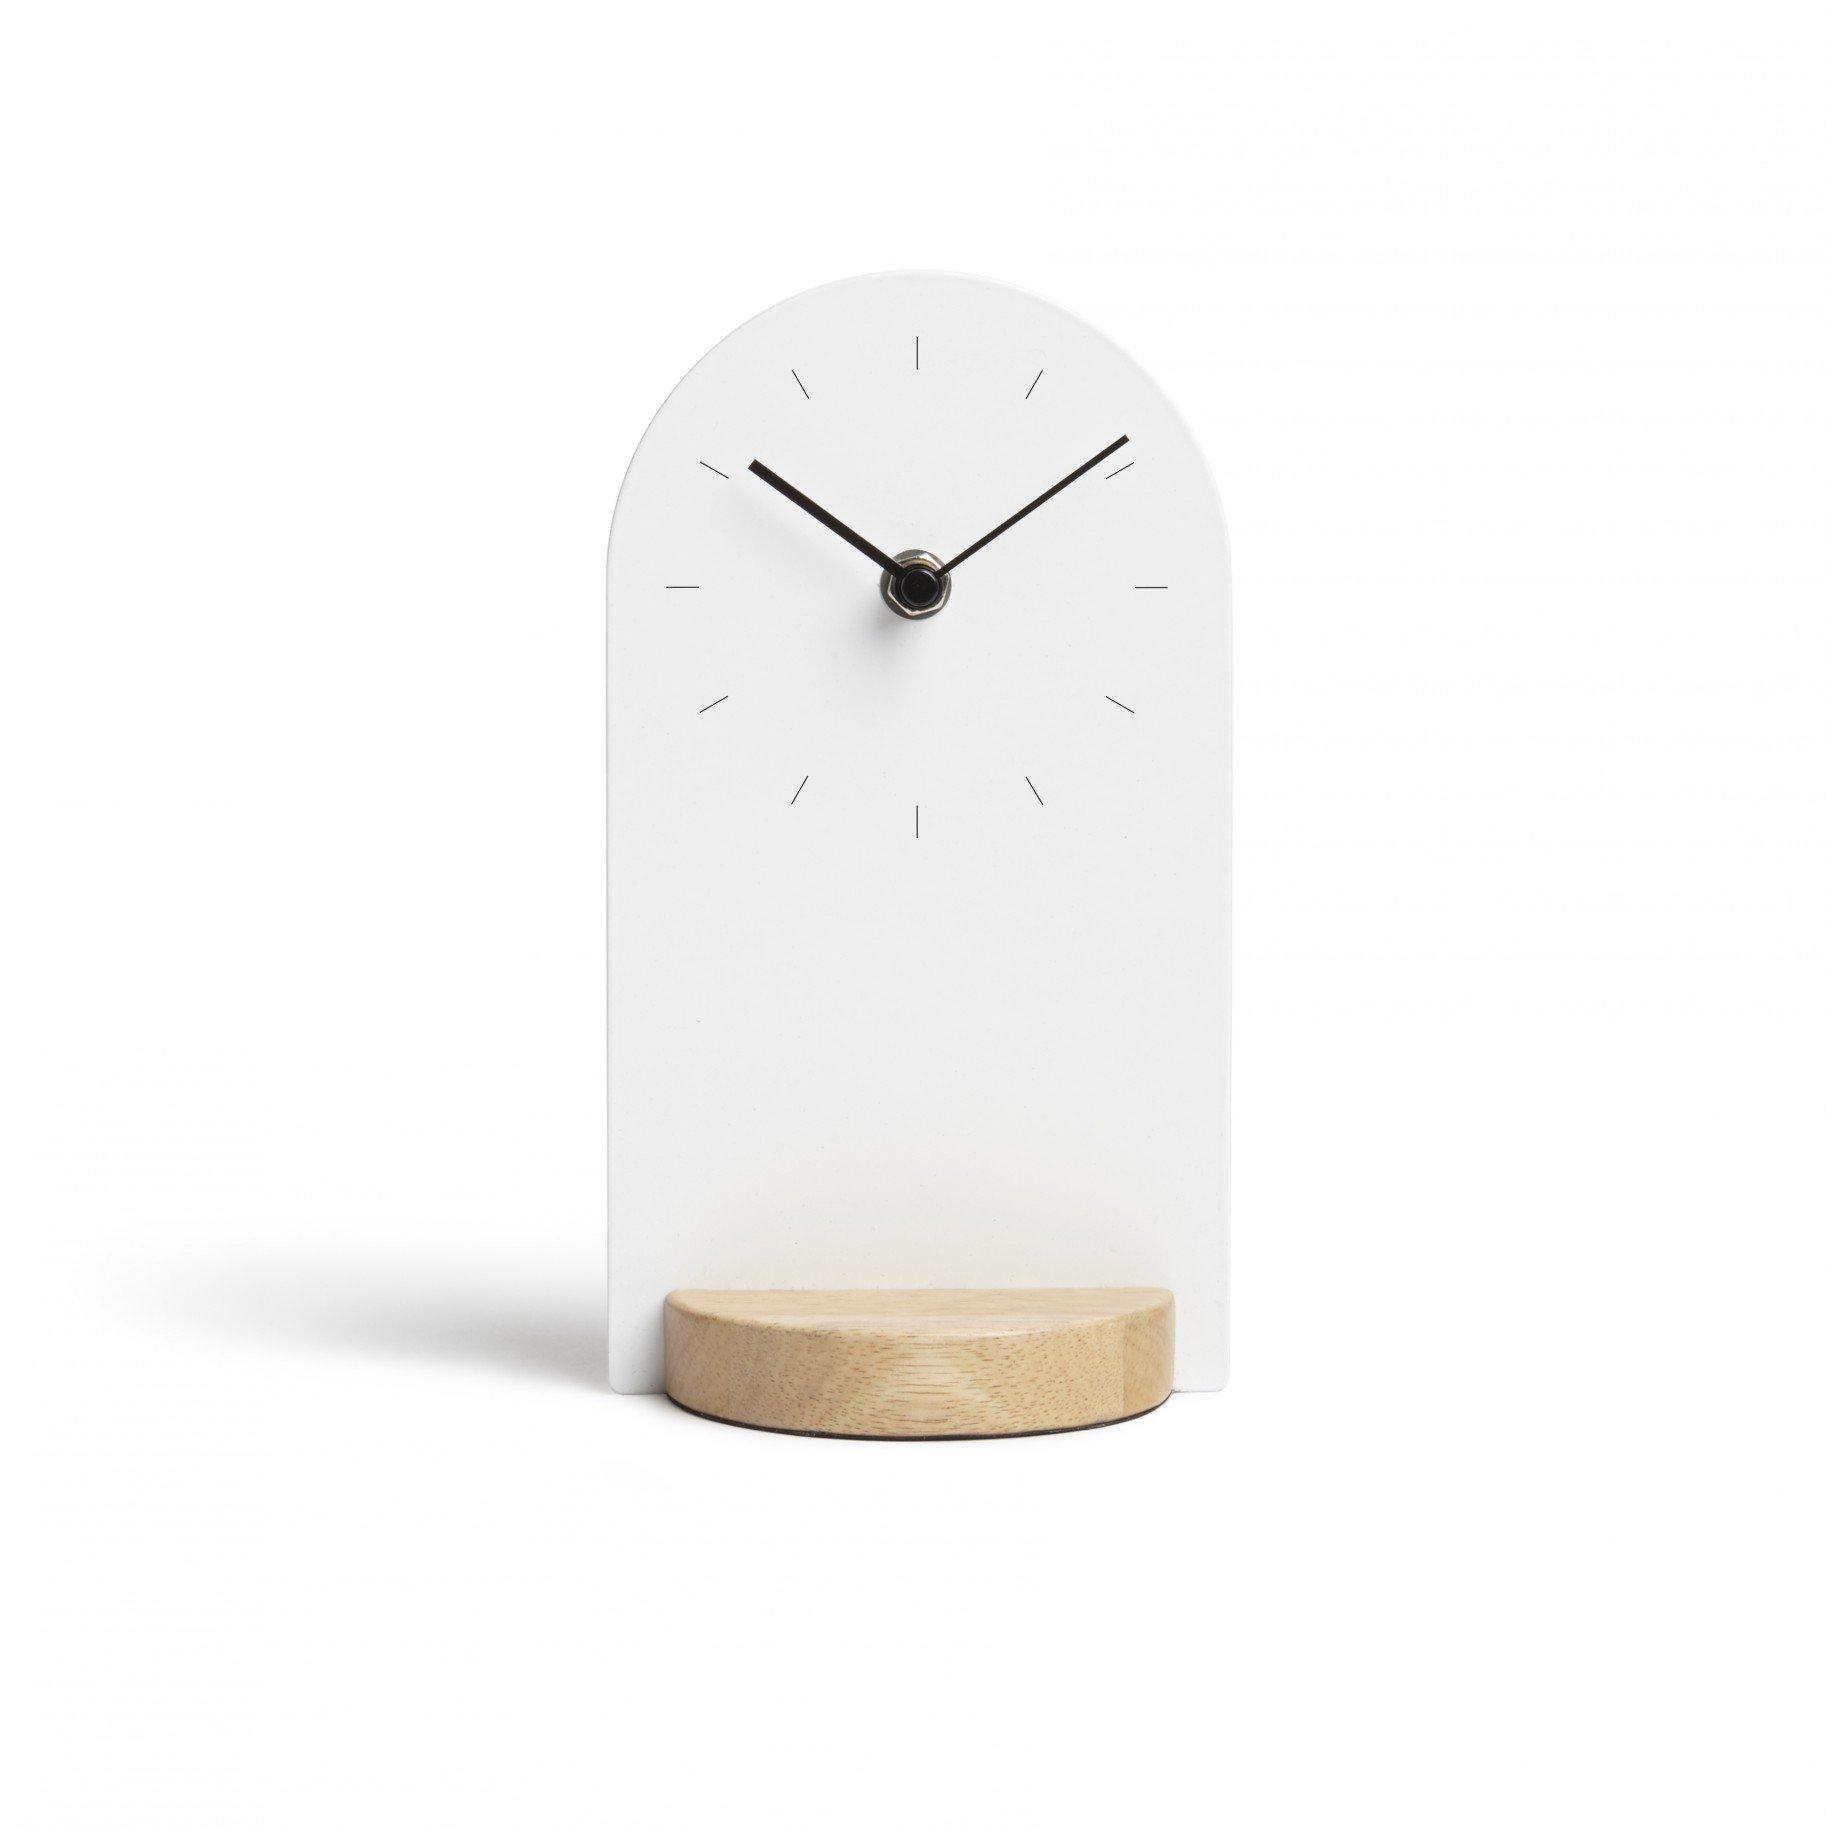 sometime desk clock  modern intentions  shop clocks - sometime desk clock umbra